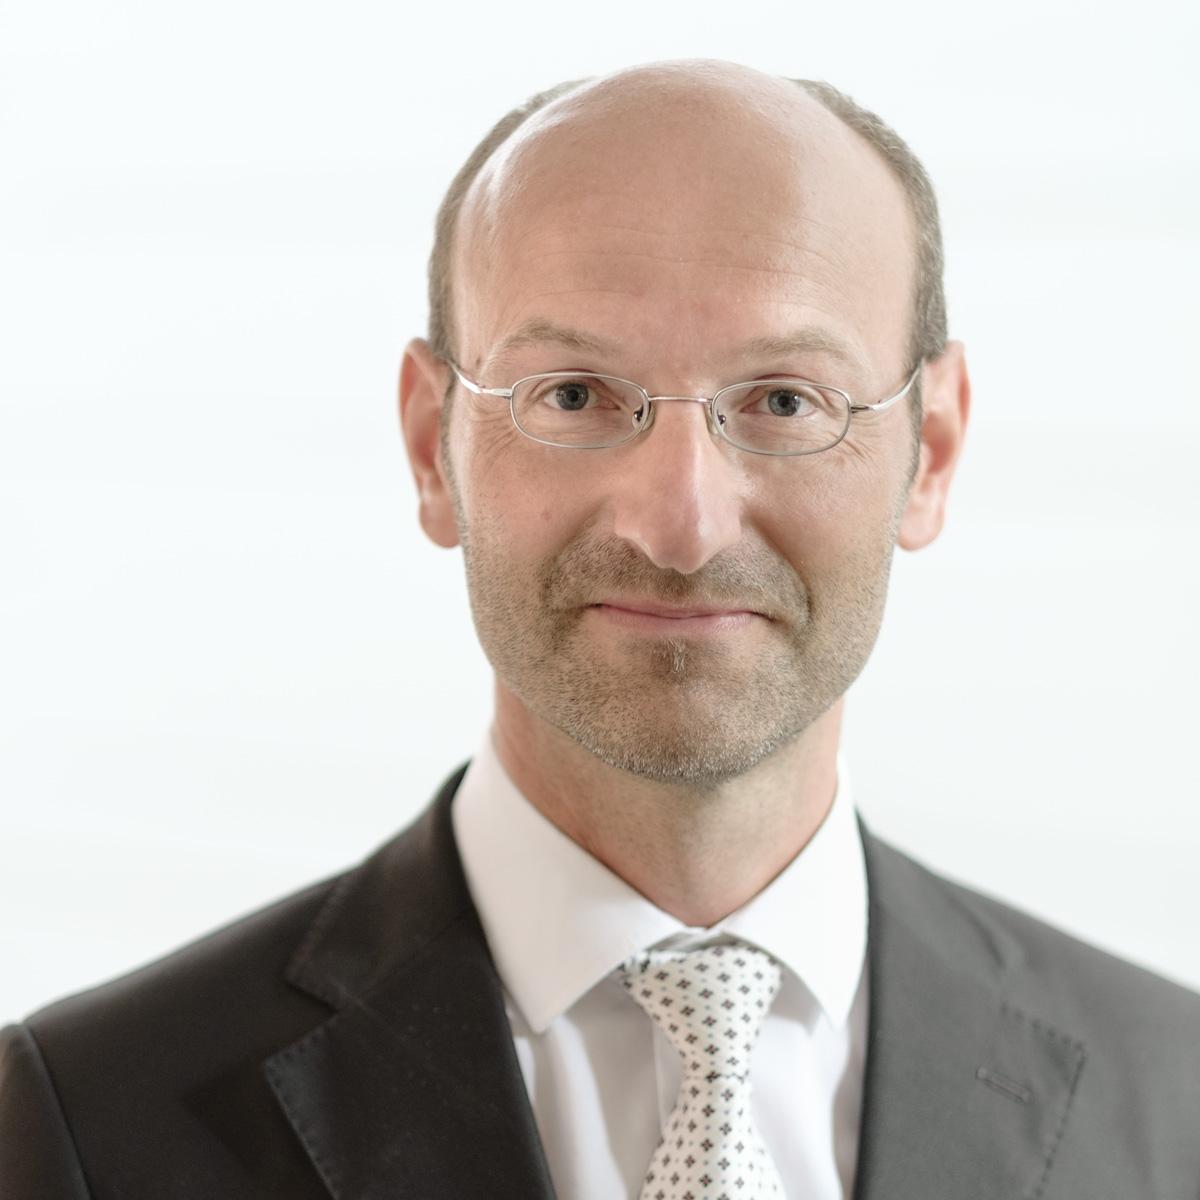 Rechtsanwalt Armin Reinstadler